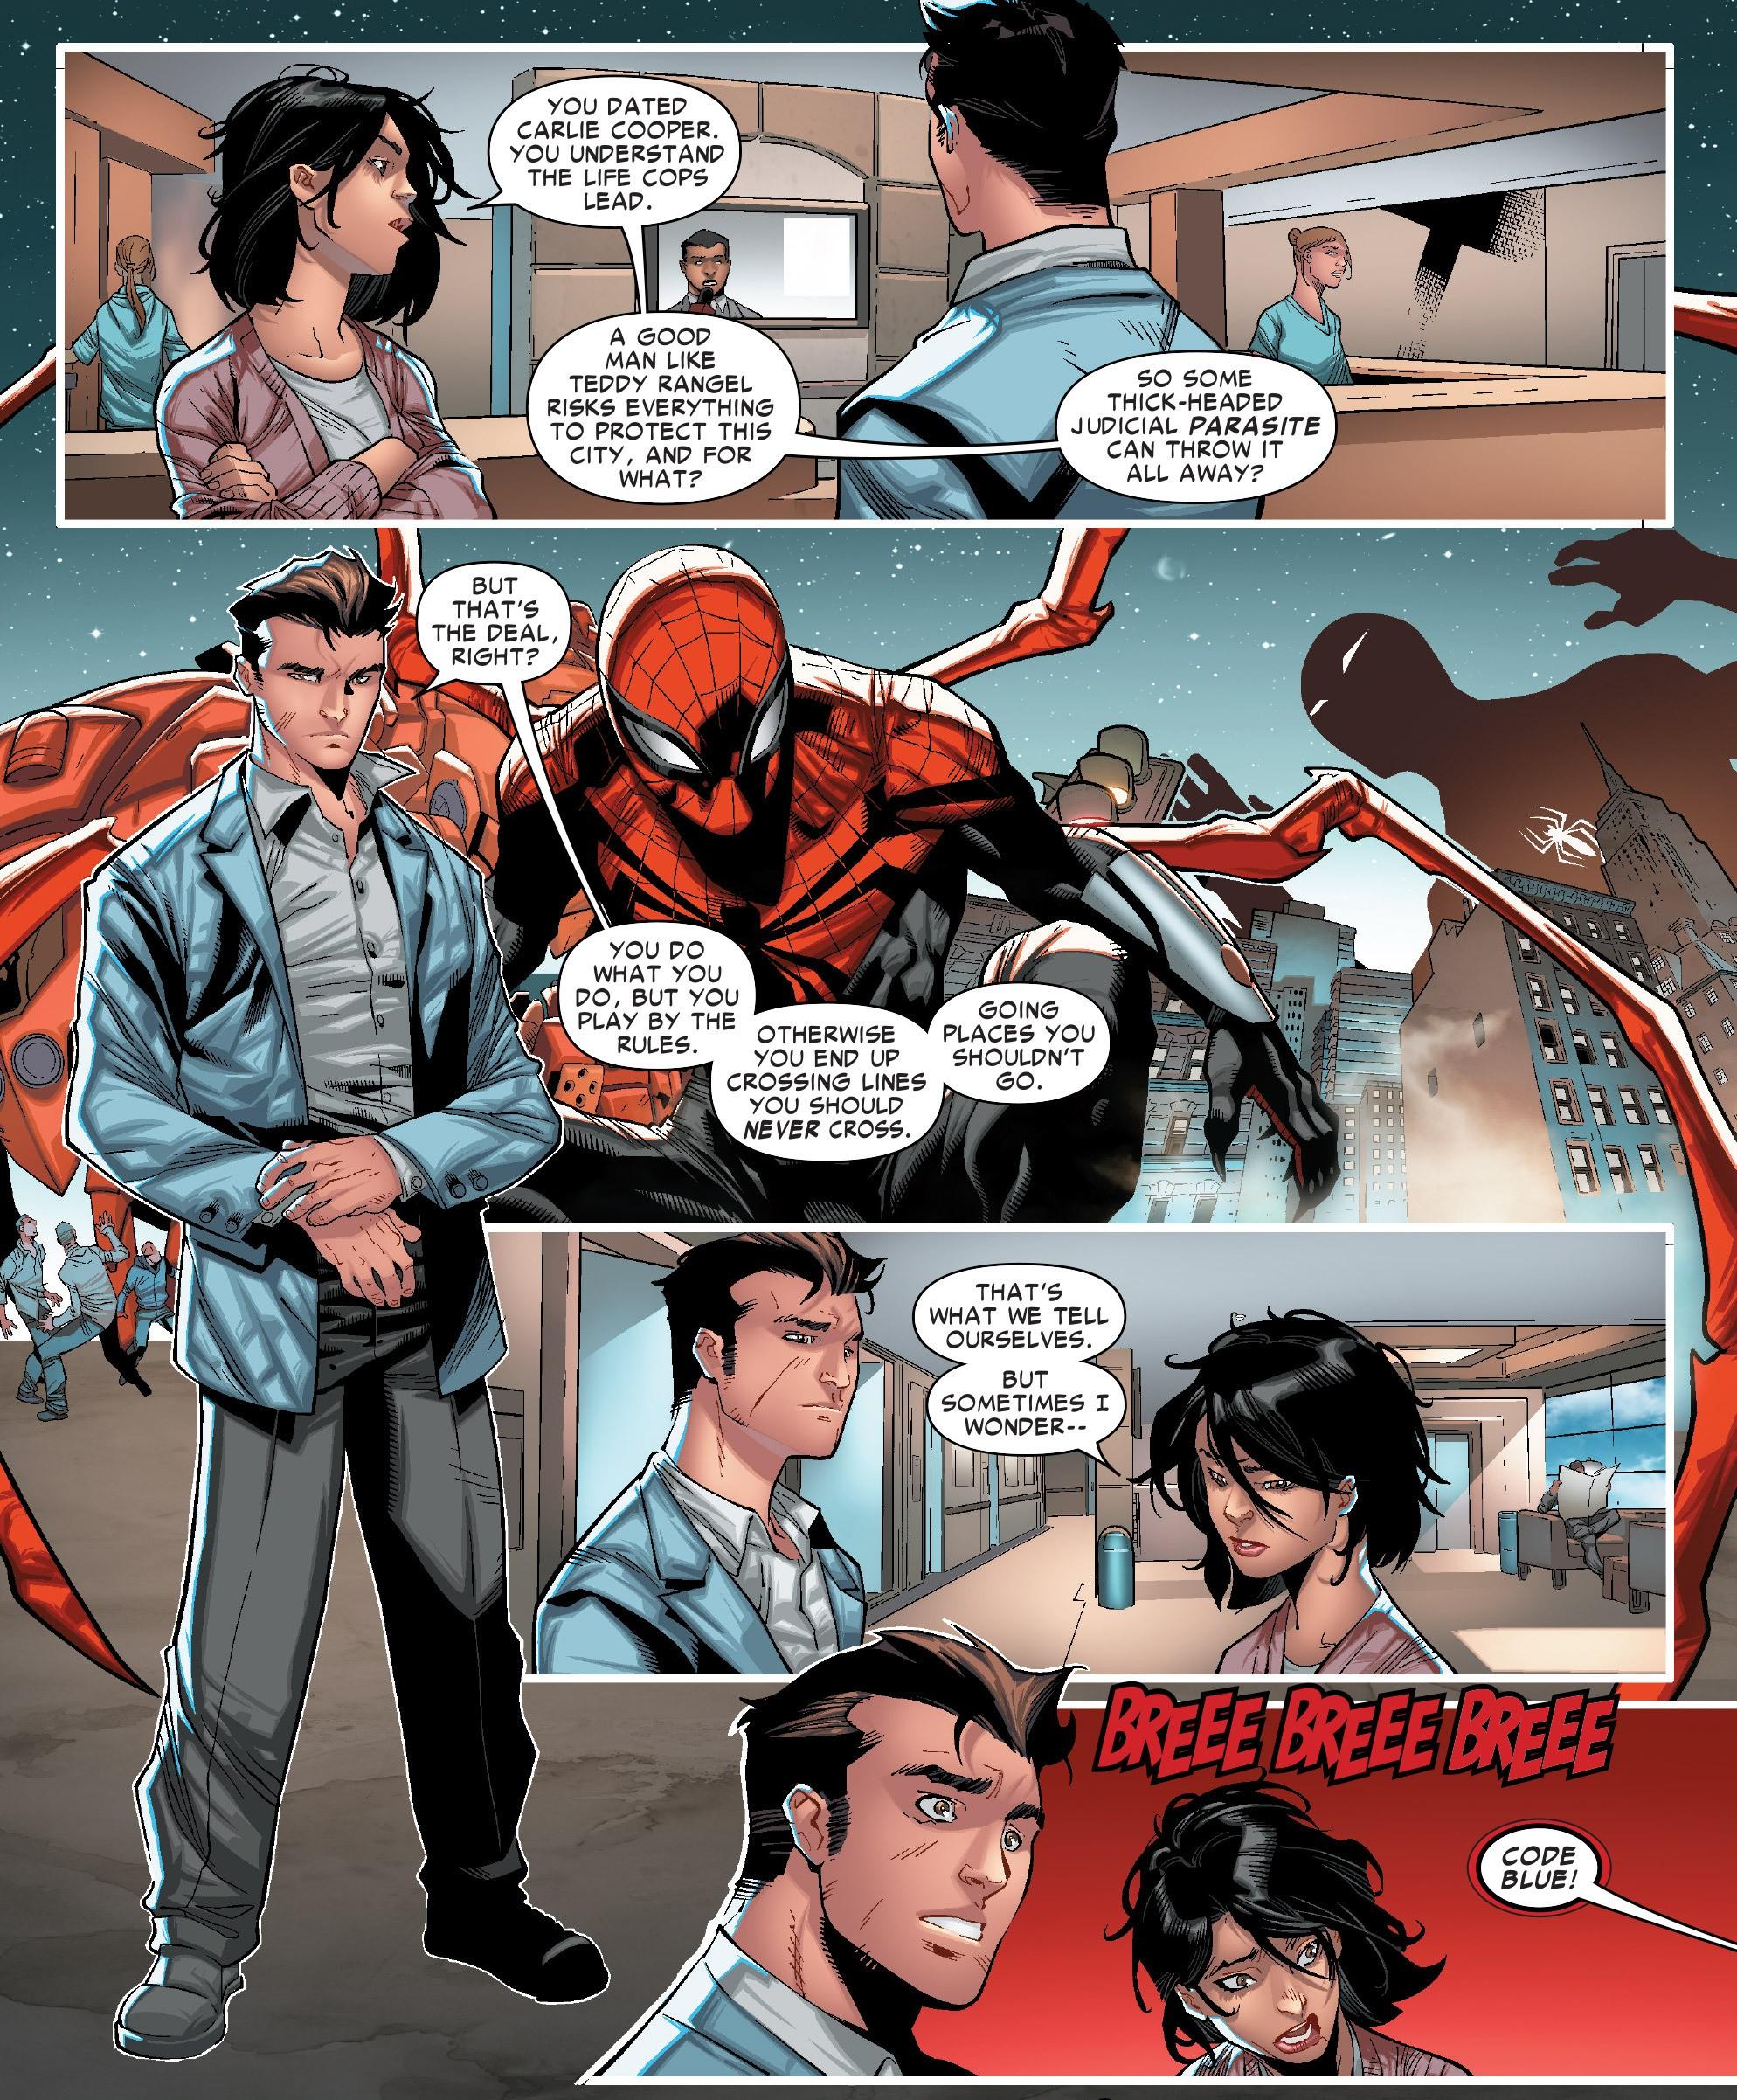 AmazingSpider-Man#16.1--p10